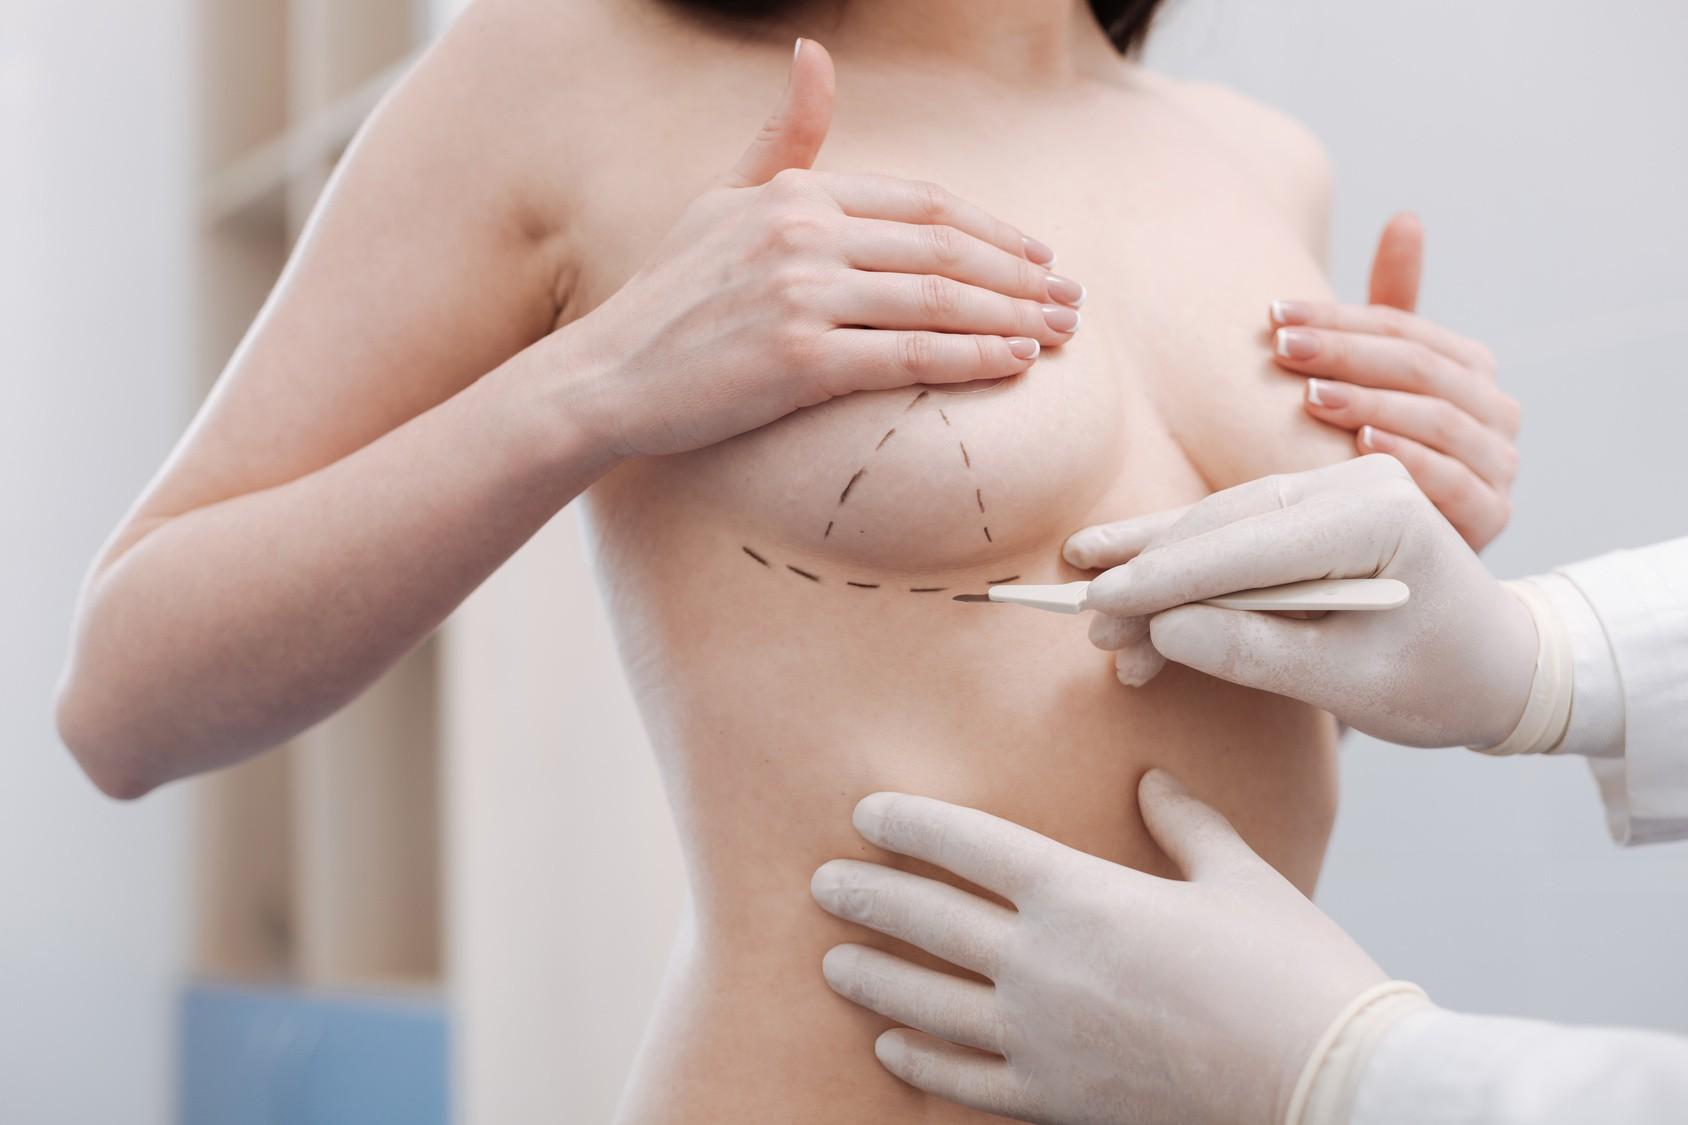 Những điều buộc phải biết trước khi bạn quyết định phẫu thuật nâng ngực - 2